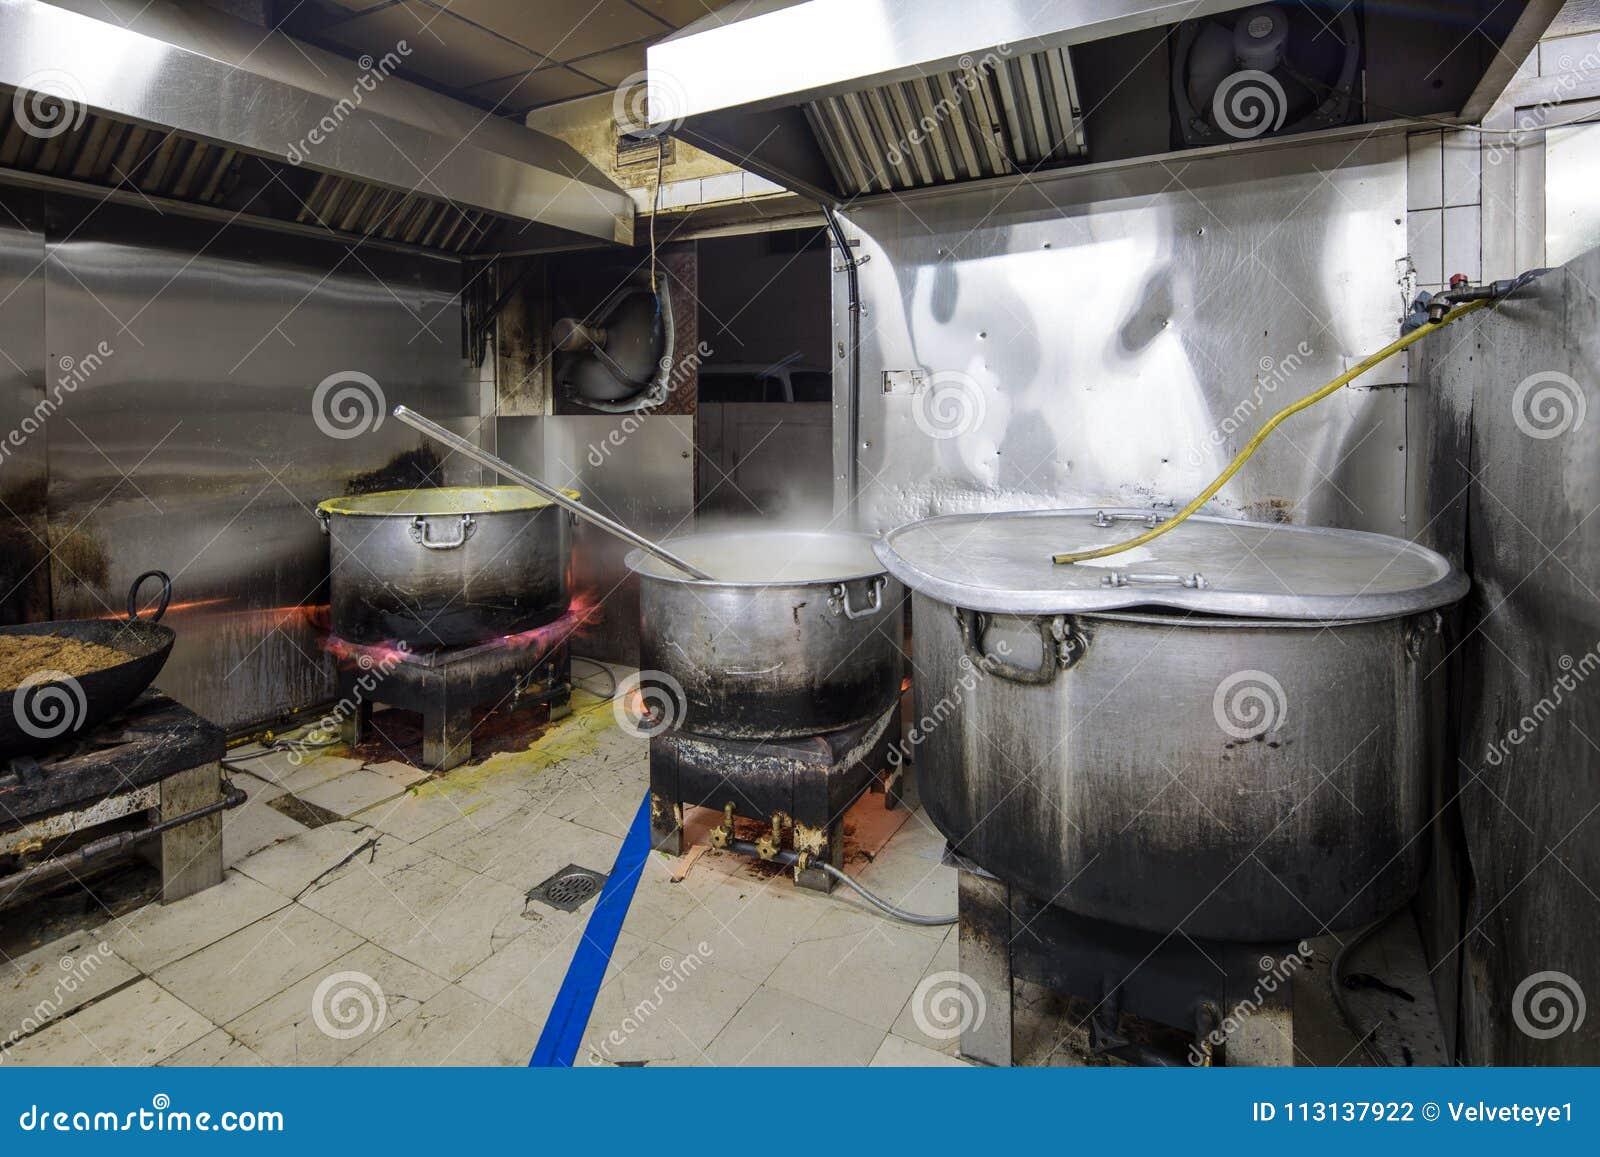 Cozinha Industrial Comercial E De Um Restaurante Sujo Sujo Real